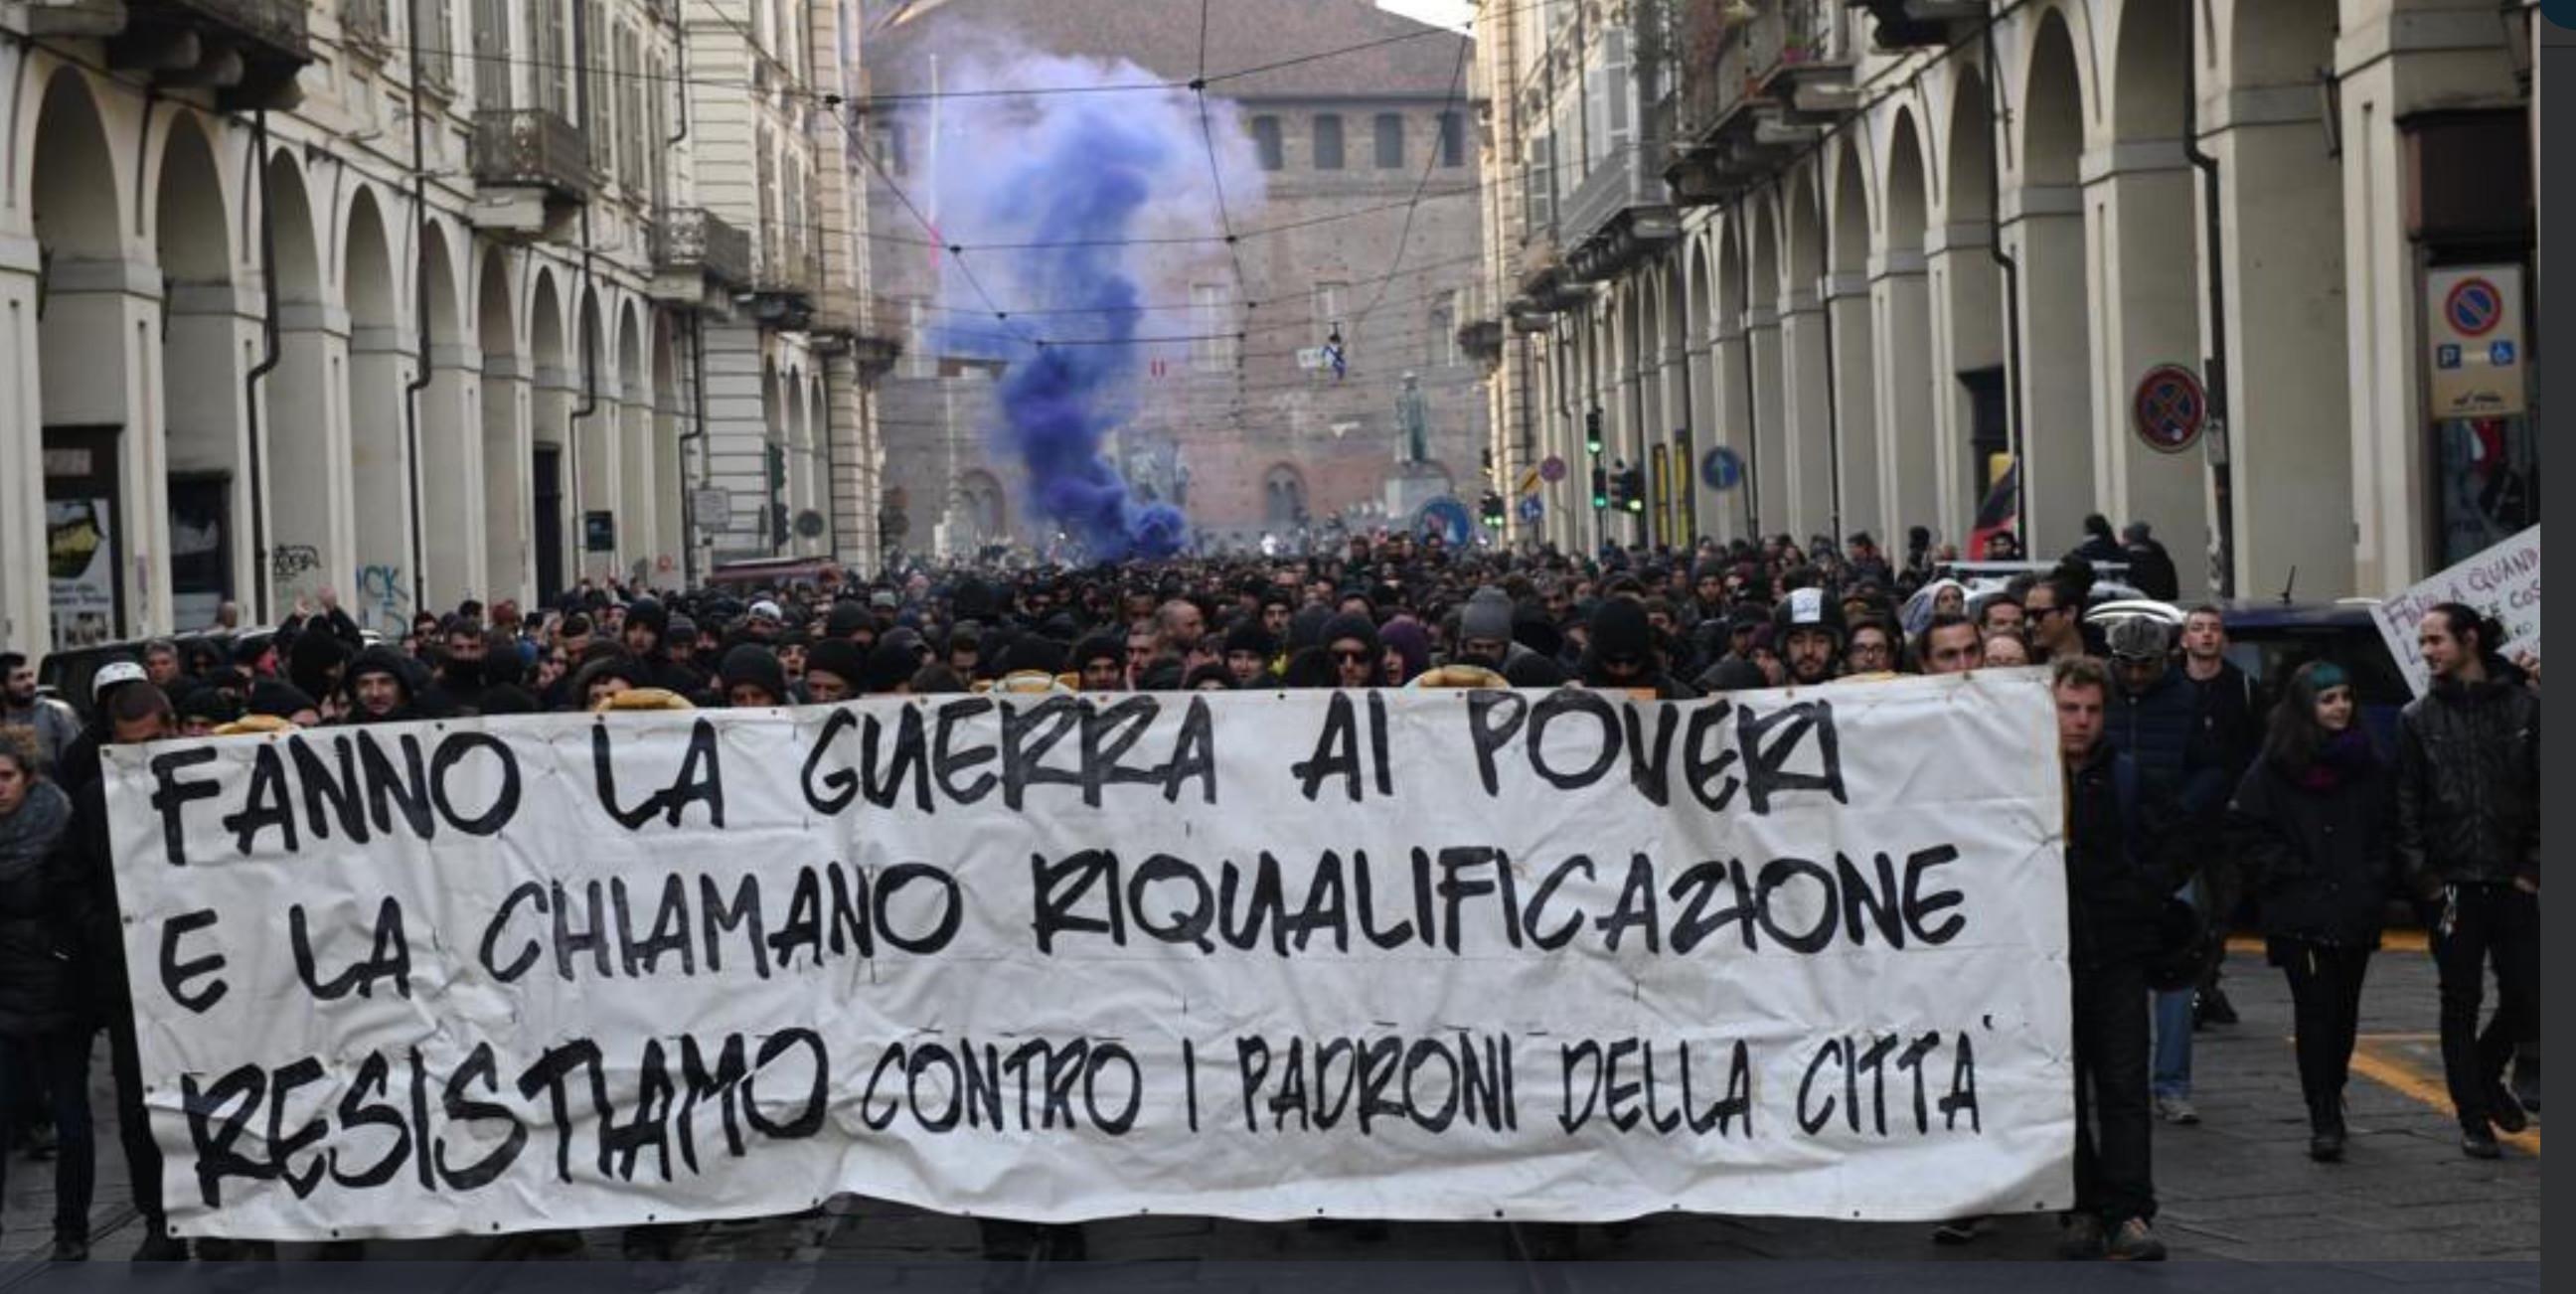 Torino, scontri durissimi e assalti ai bus al corteo degli anarchici: 12 fermati, 4 feriti